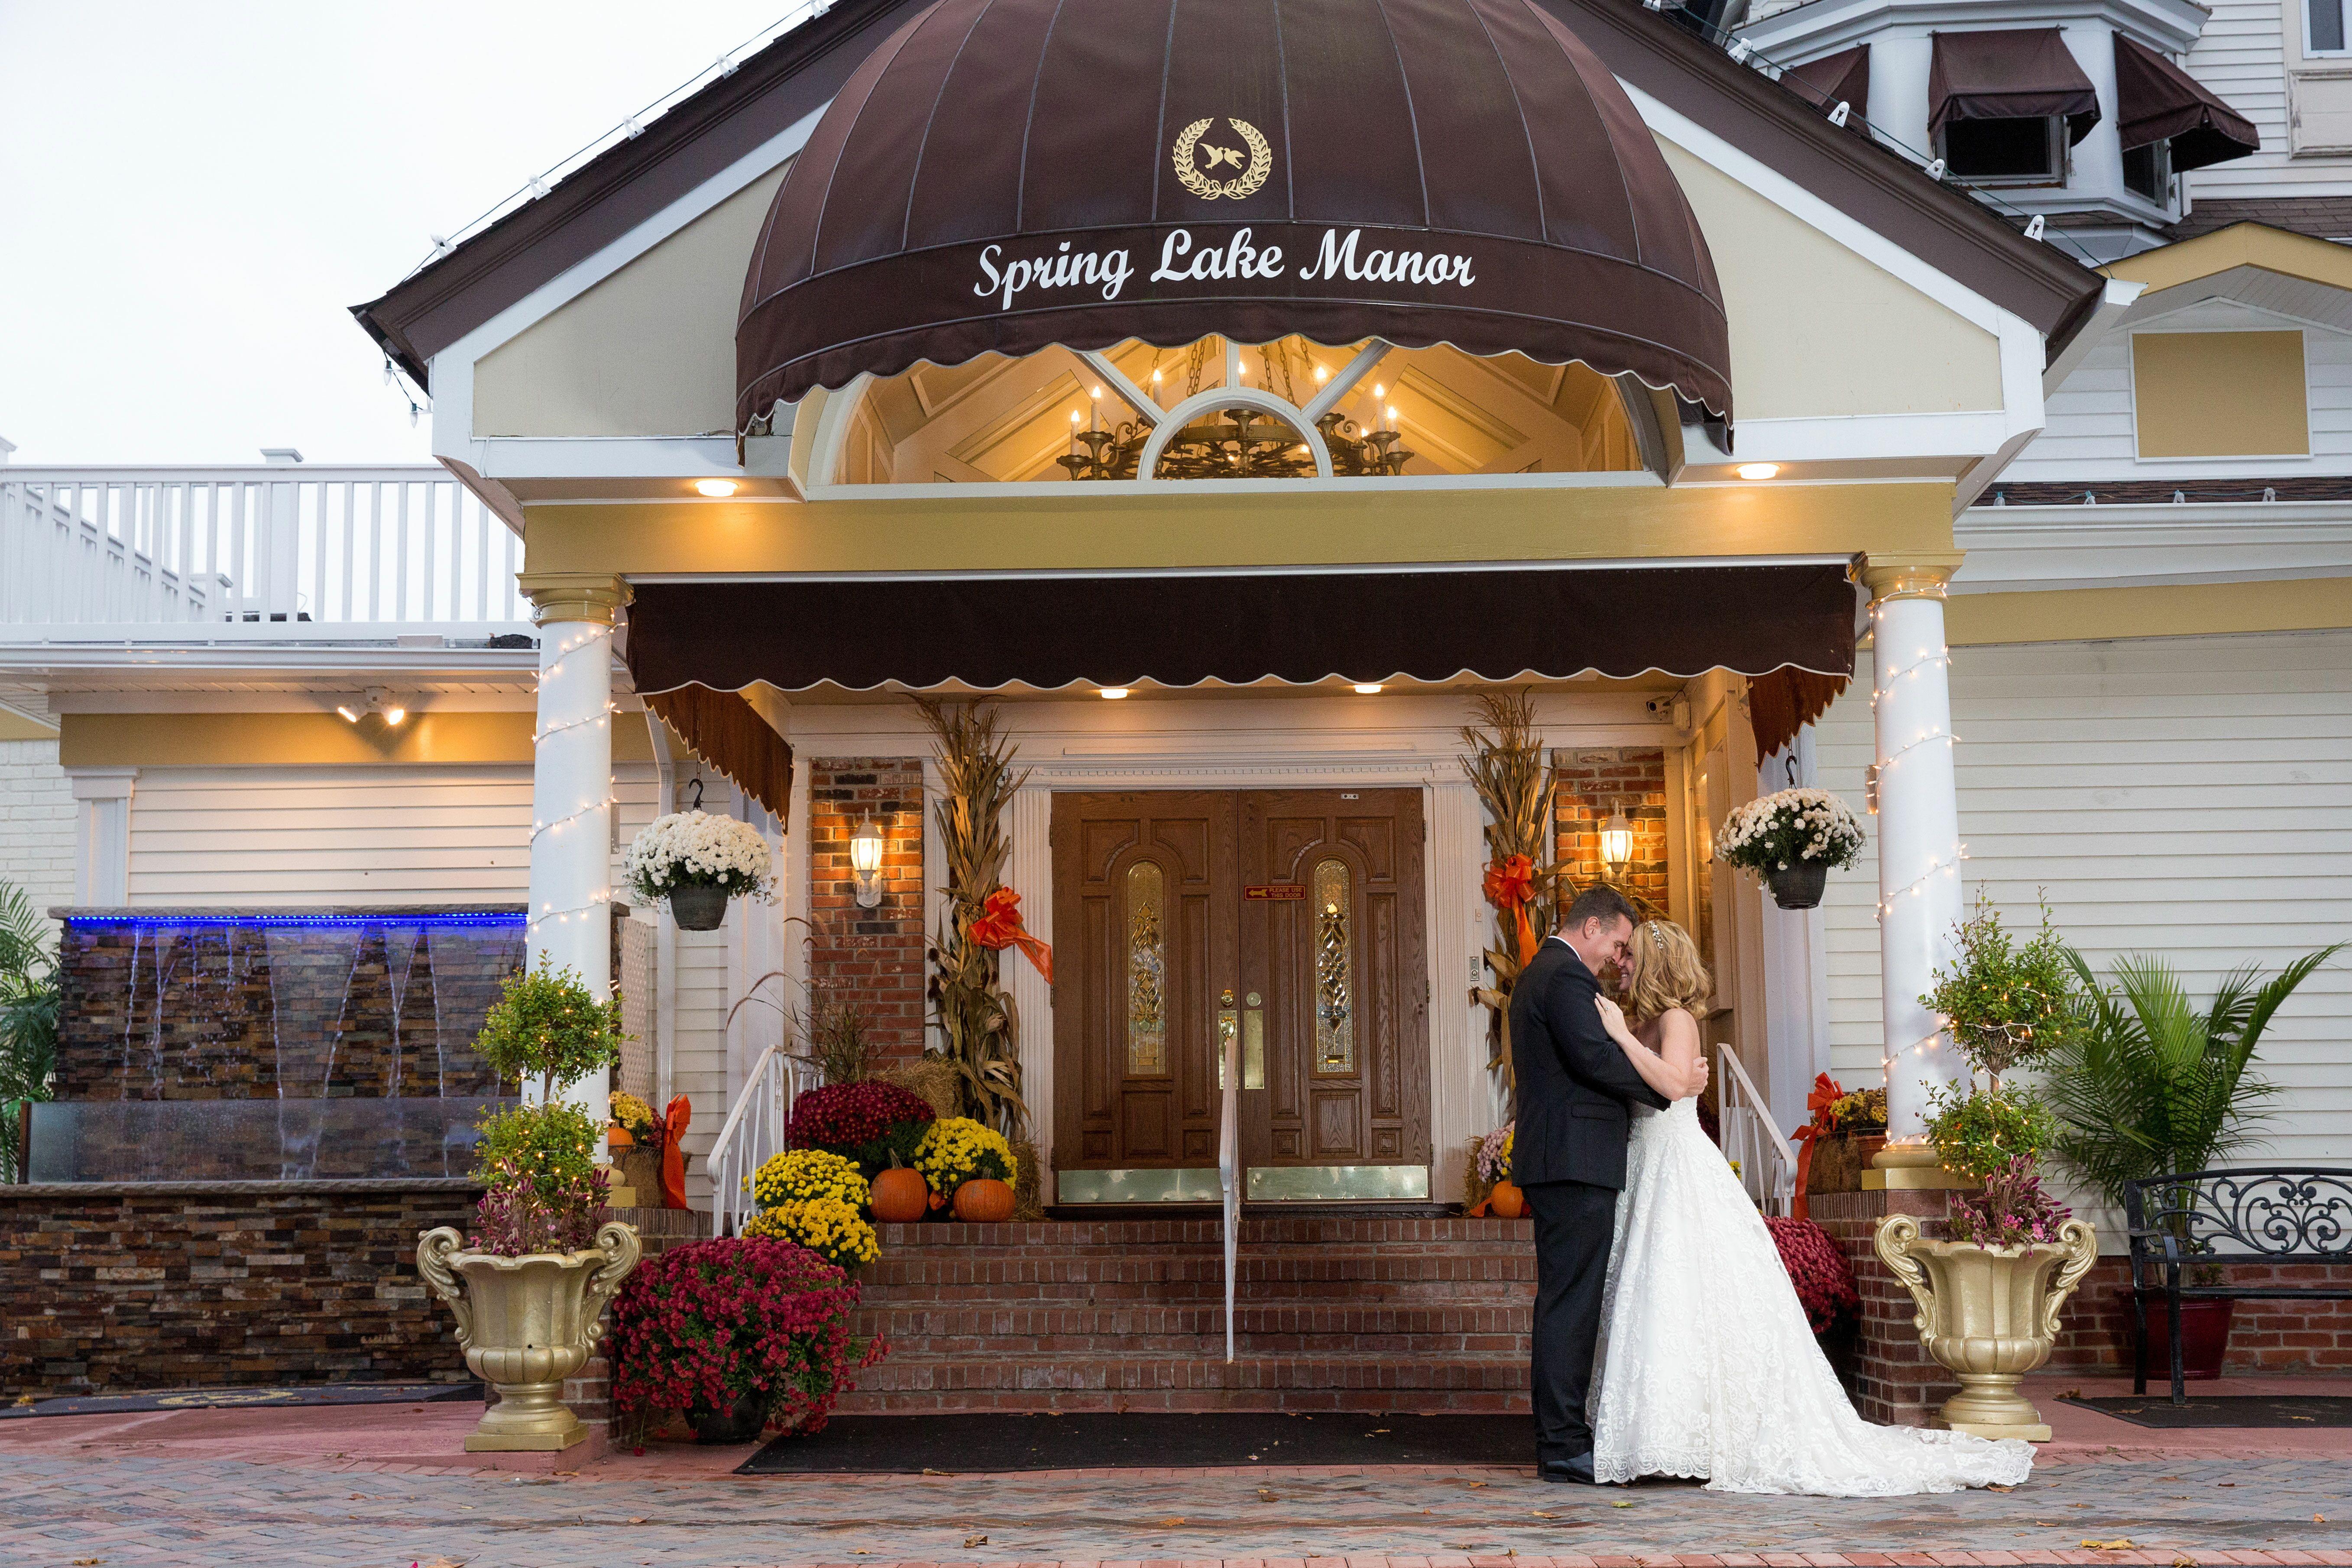 Spring Lake Manor